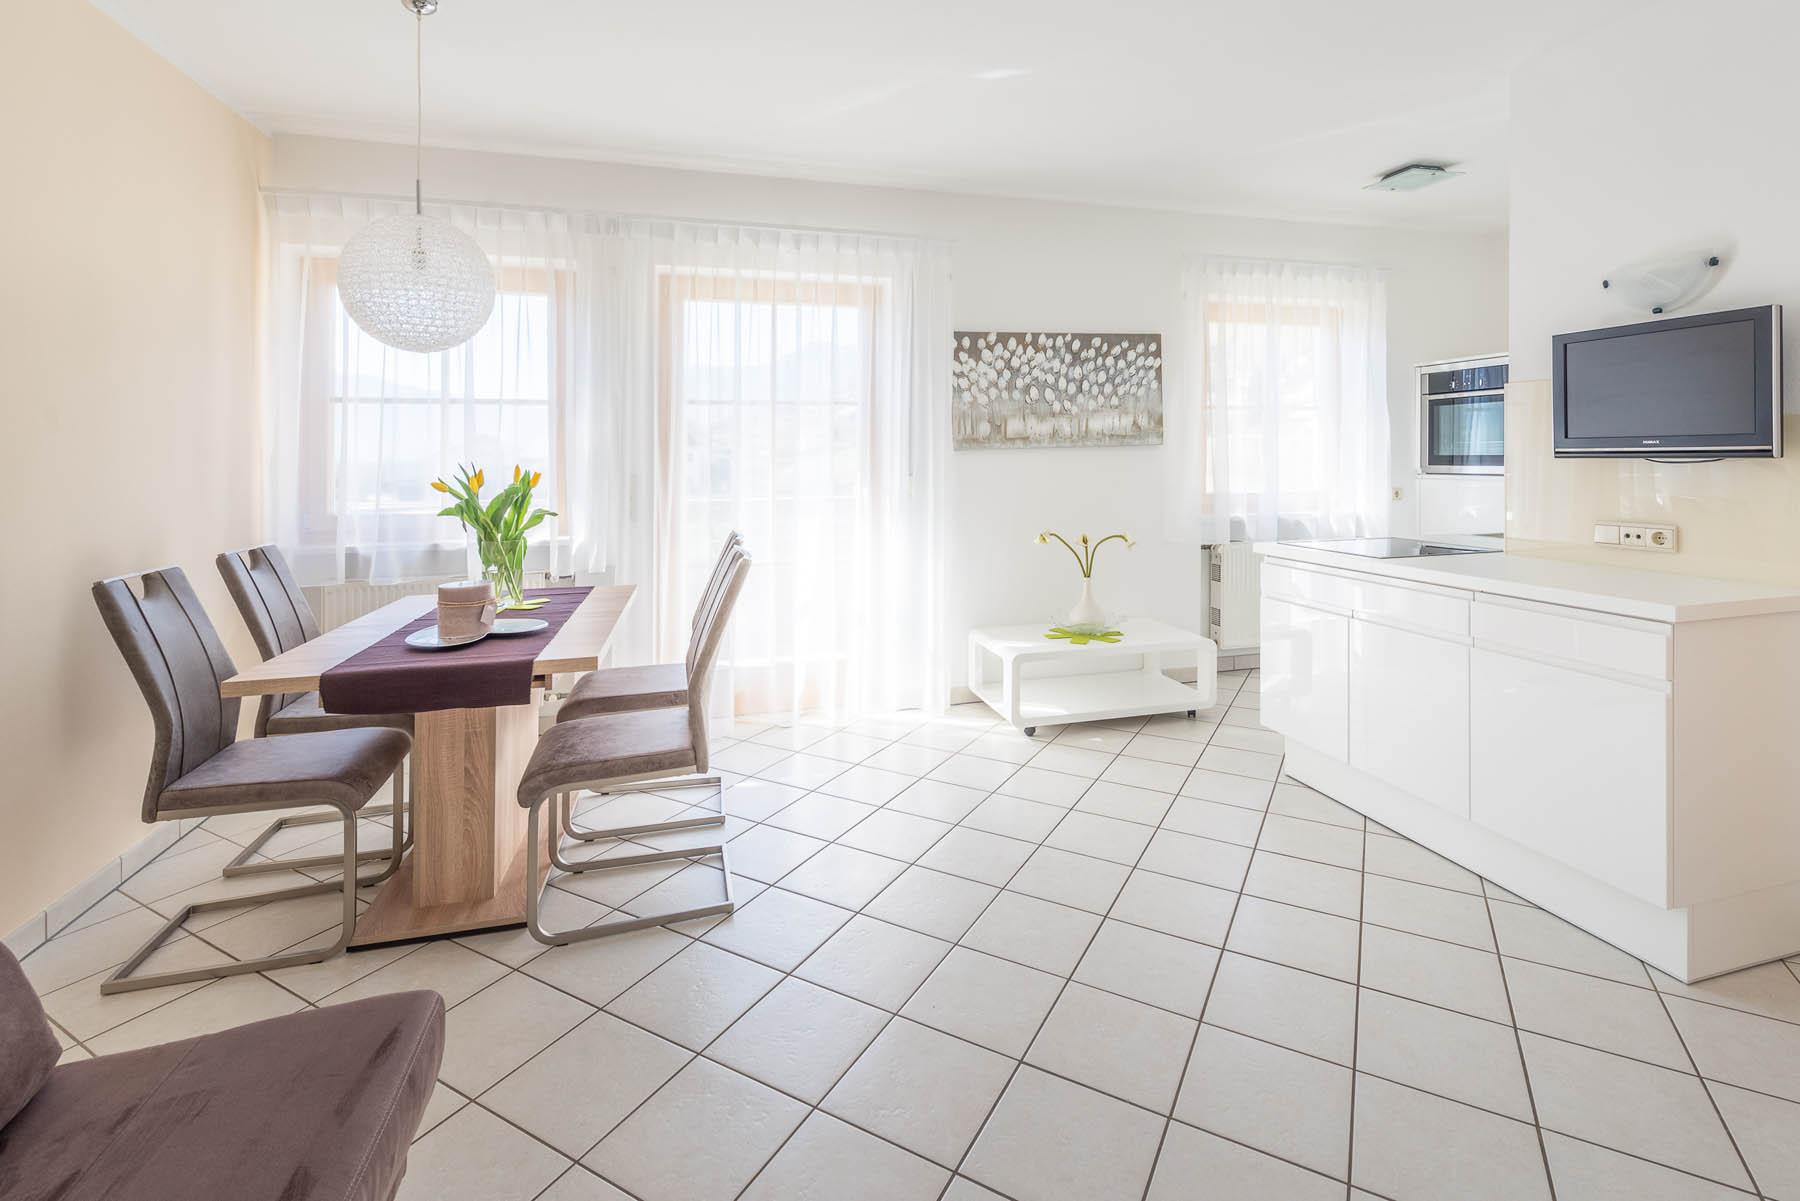 Vacanze in appartamenti feriali a termeno reinhold zwerger for Cucina a bovindo